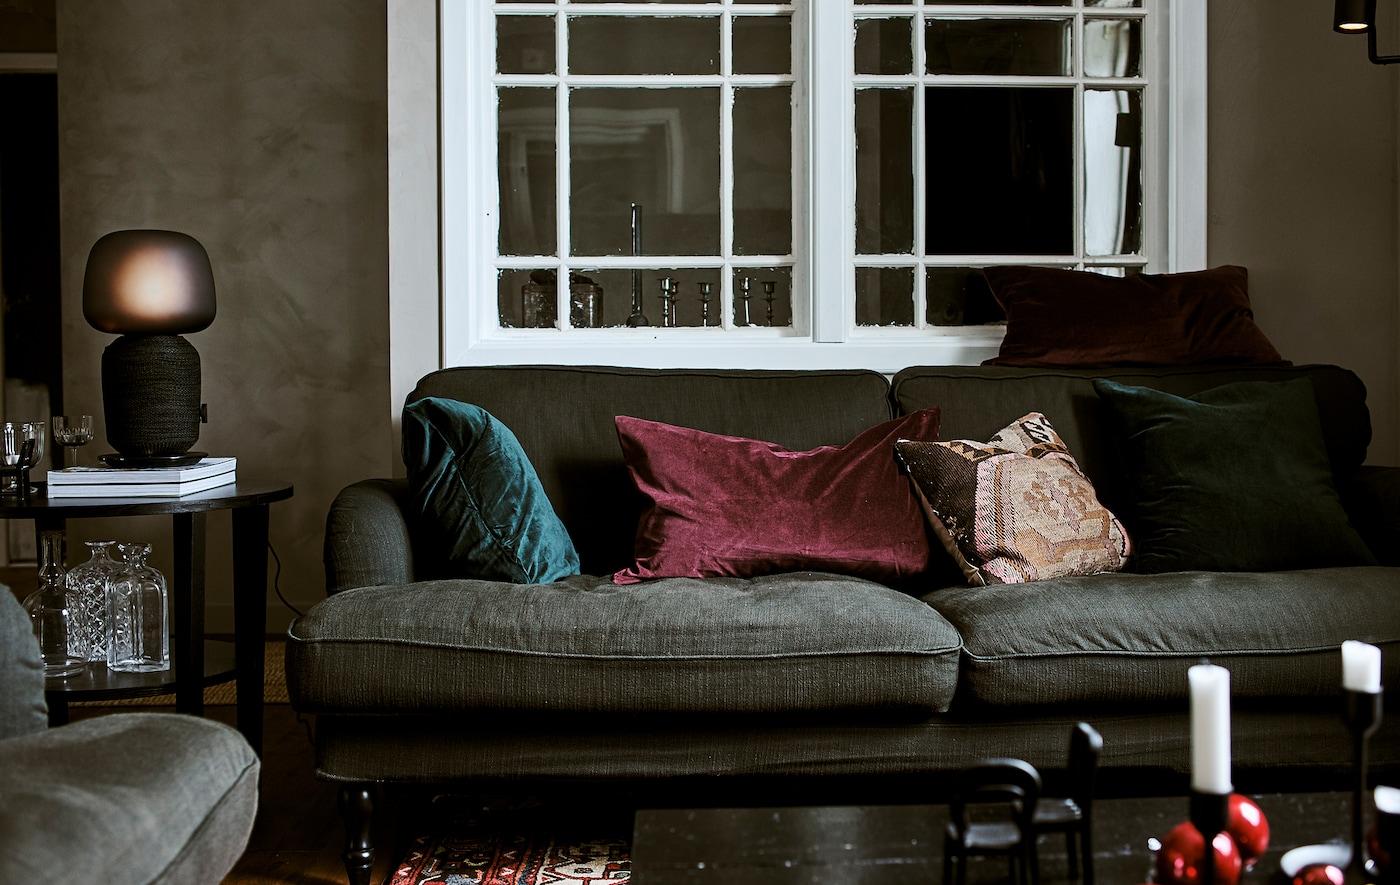 Grünes Sofa mit smaragdfarbenen Kissen in einem gemütlichen Zuhause.